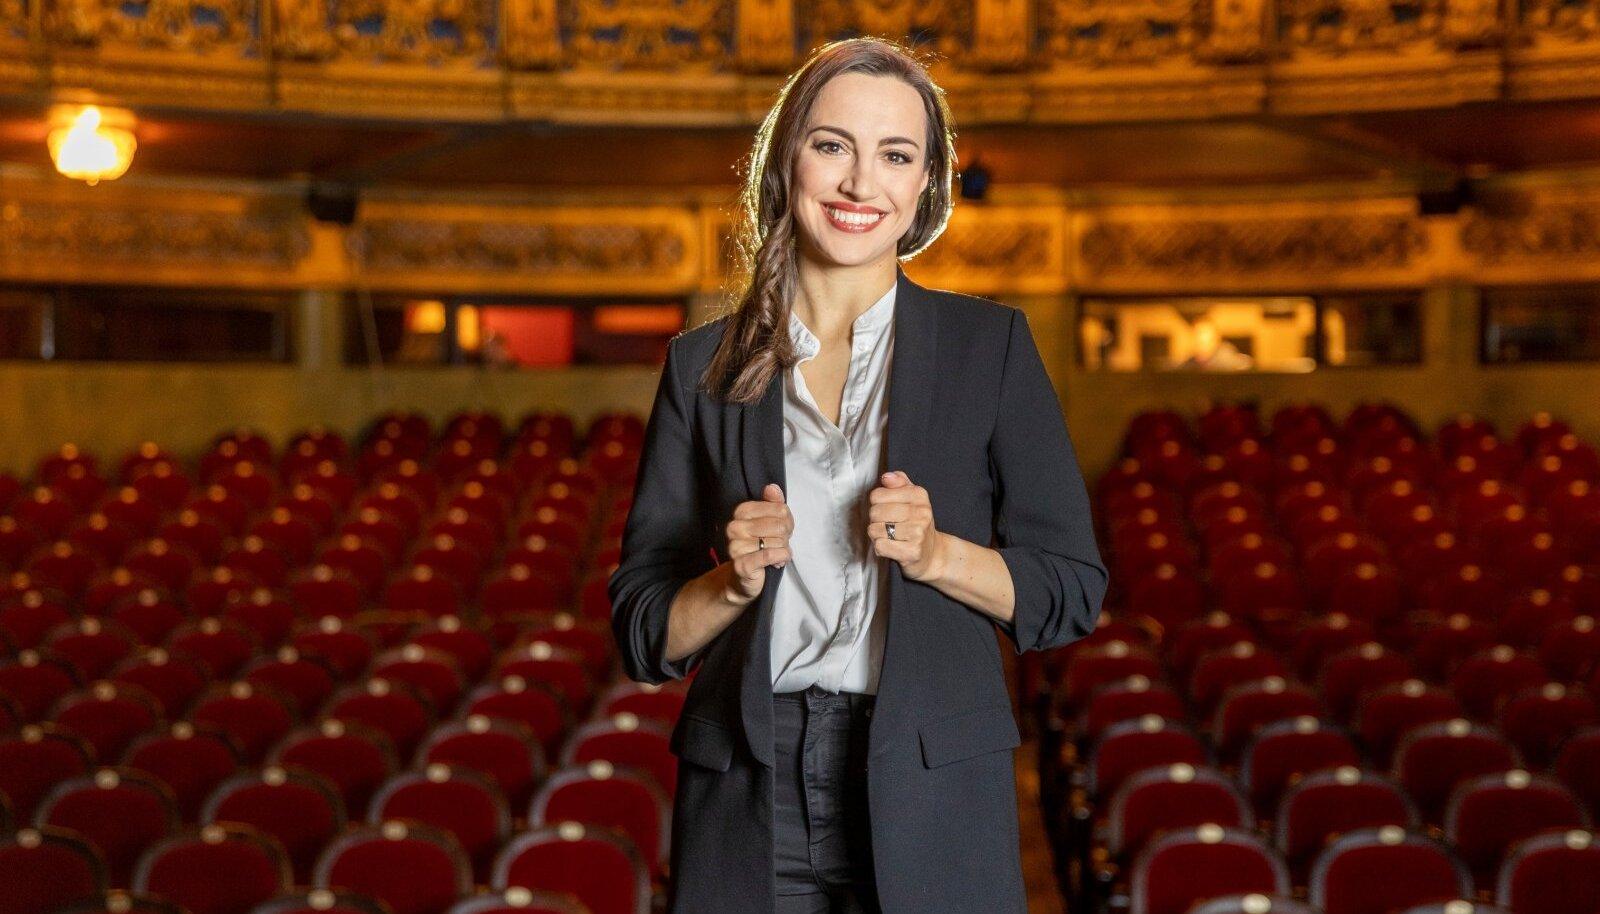 KUTSUTI TALLINNASSE TÖÖLE Anna sõnul oli 2015. aastal tagasitulek lihtne, kuna ka abikaasa Viktorile pakuti tööd Vene Teatris.